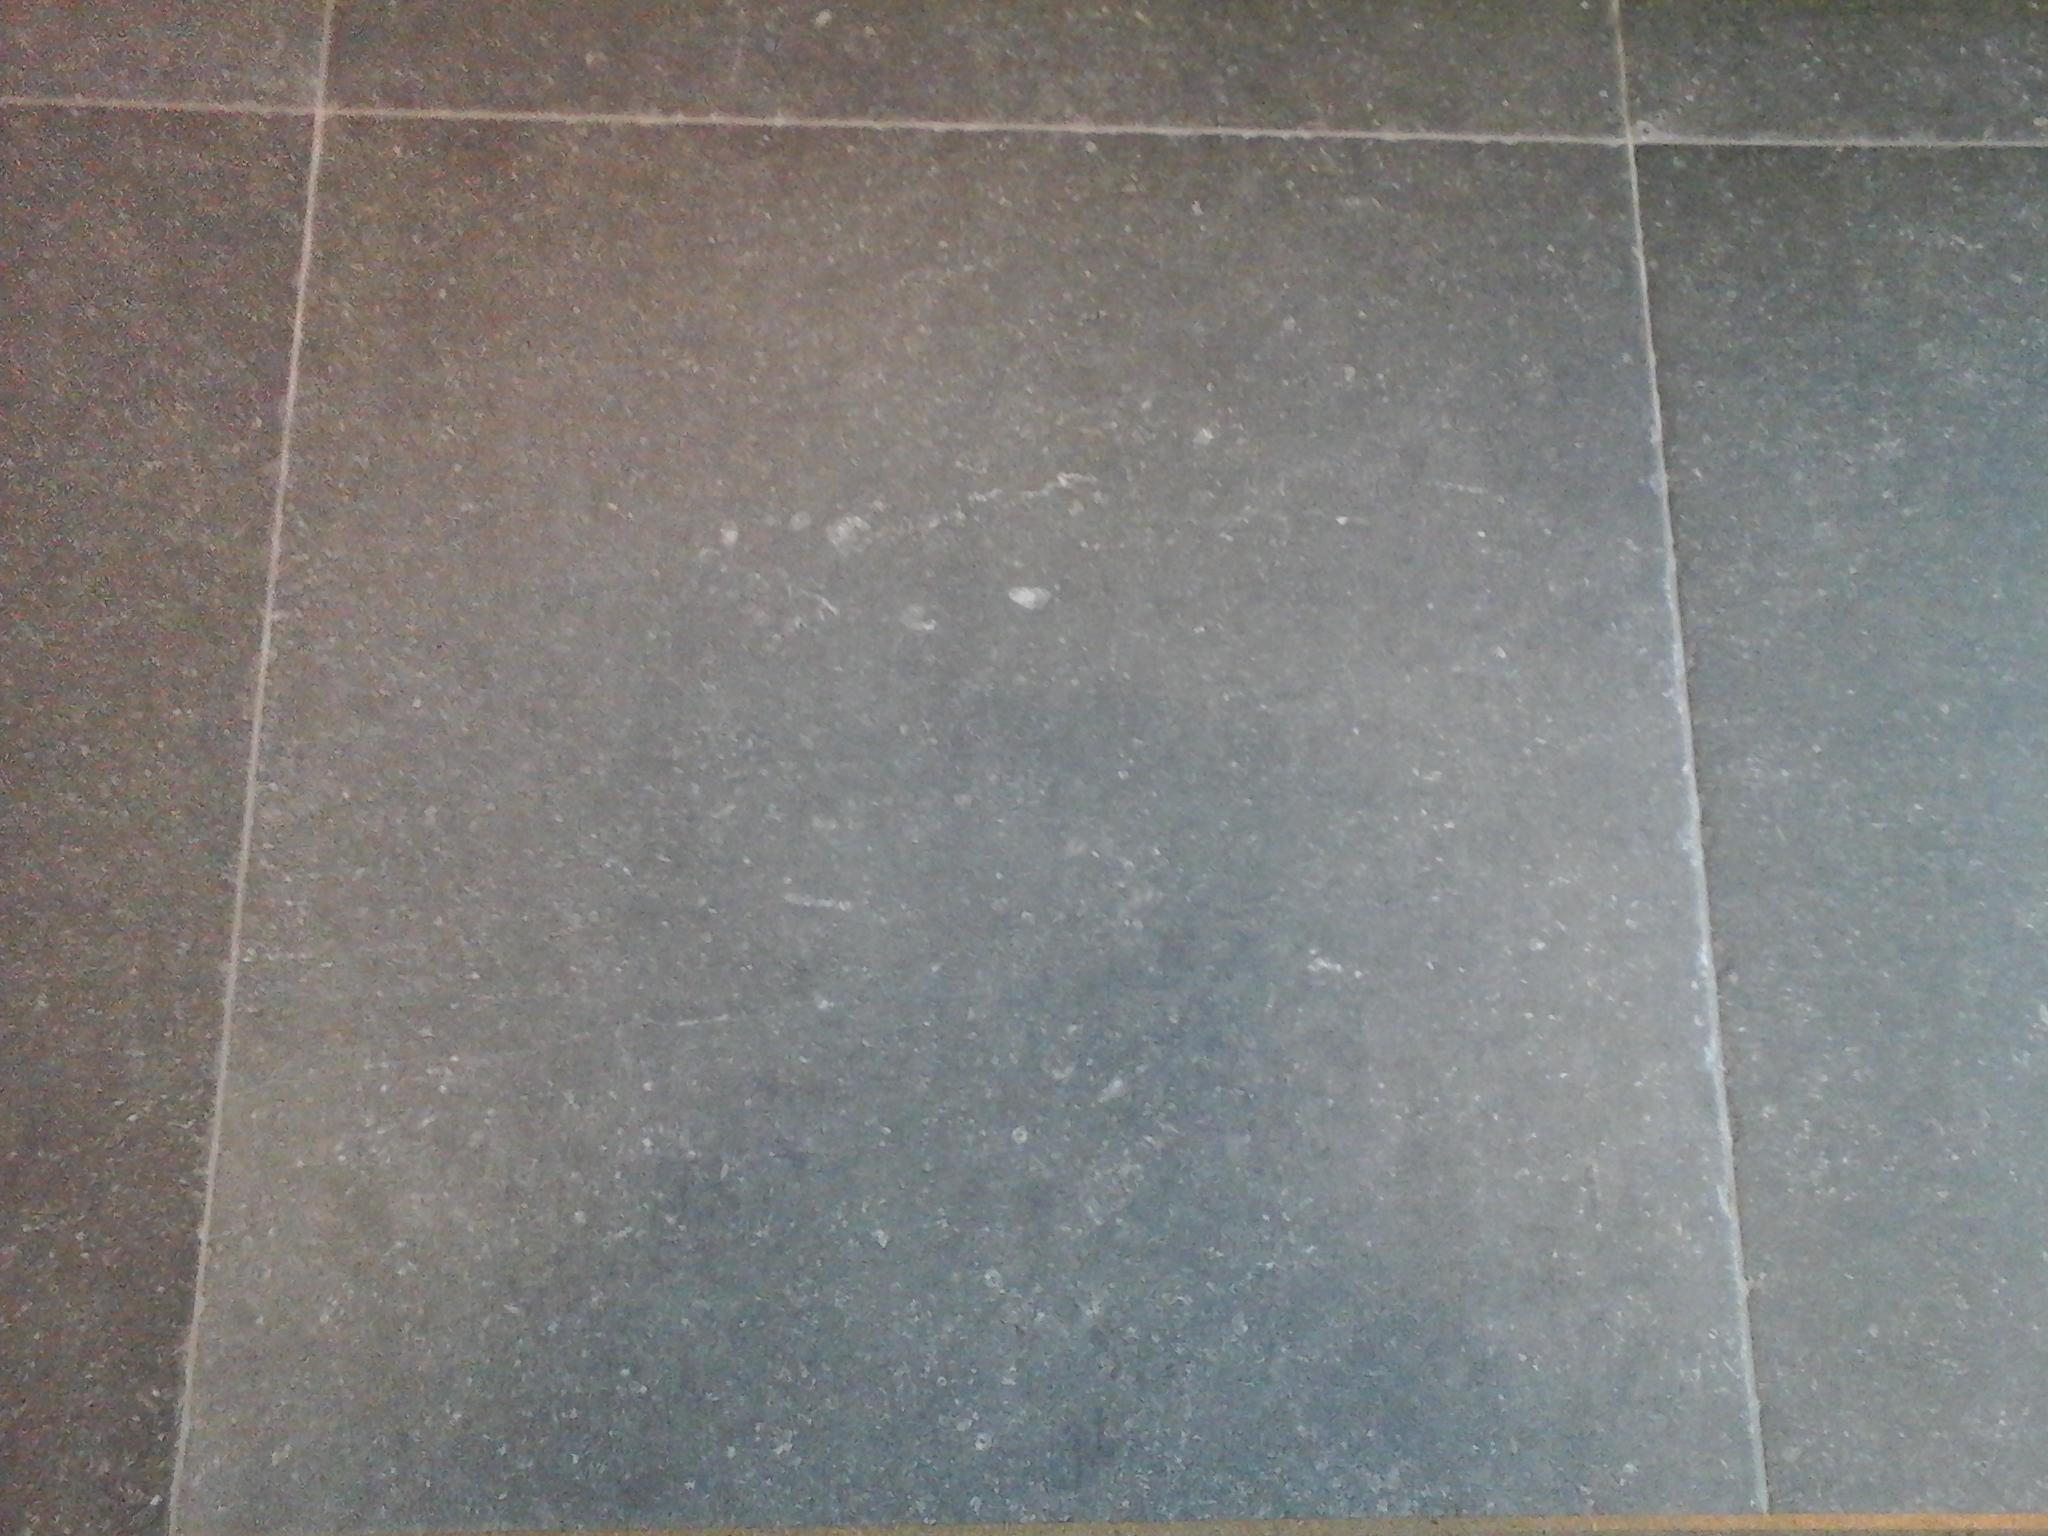 Belga black 61.5x61.5 - FORZA